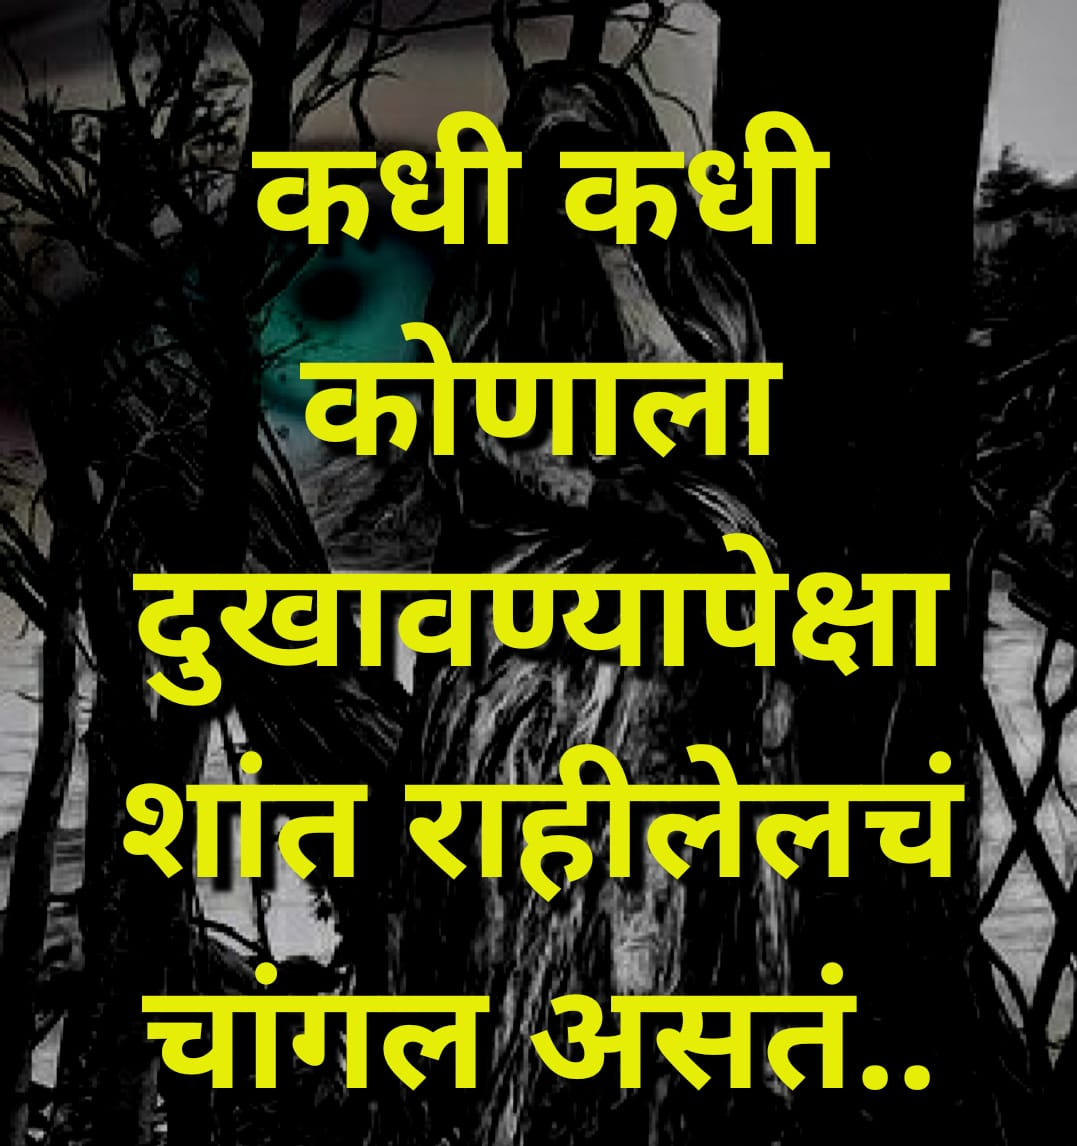 Emotinal marathi status for girls